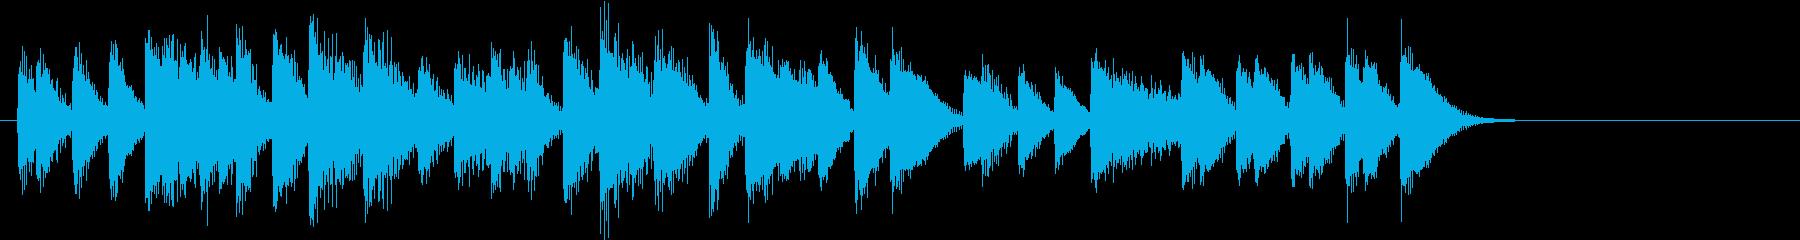 ウキウキ♪シンコペーションピアノジングルの再生済みの波形